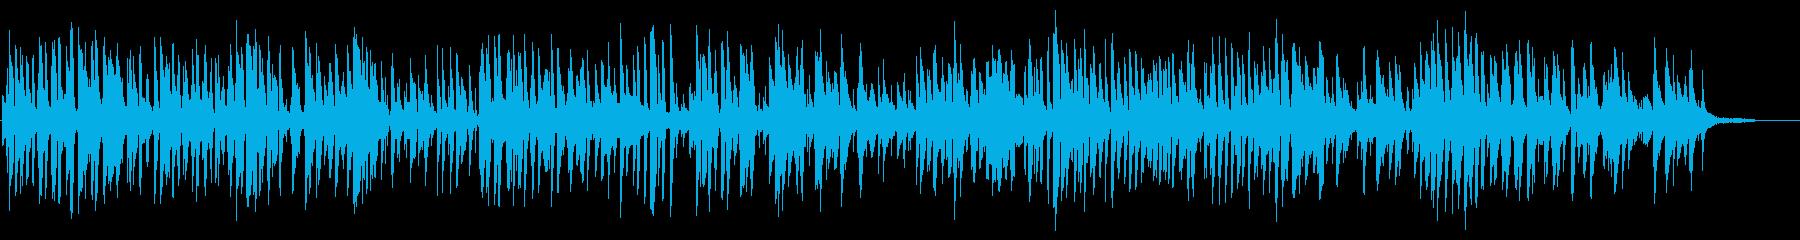 美しいアコースティックピアノジャズトリオの再生済みの波形